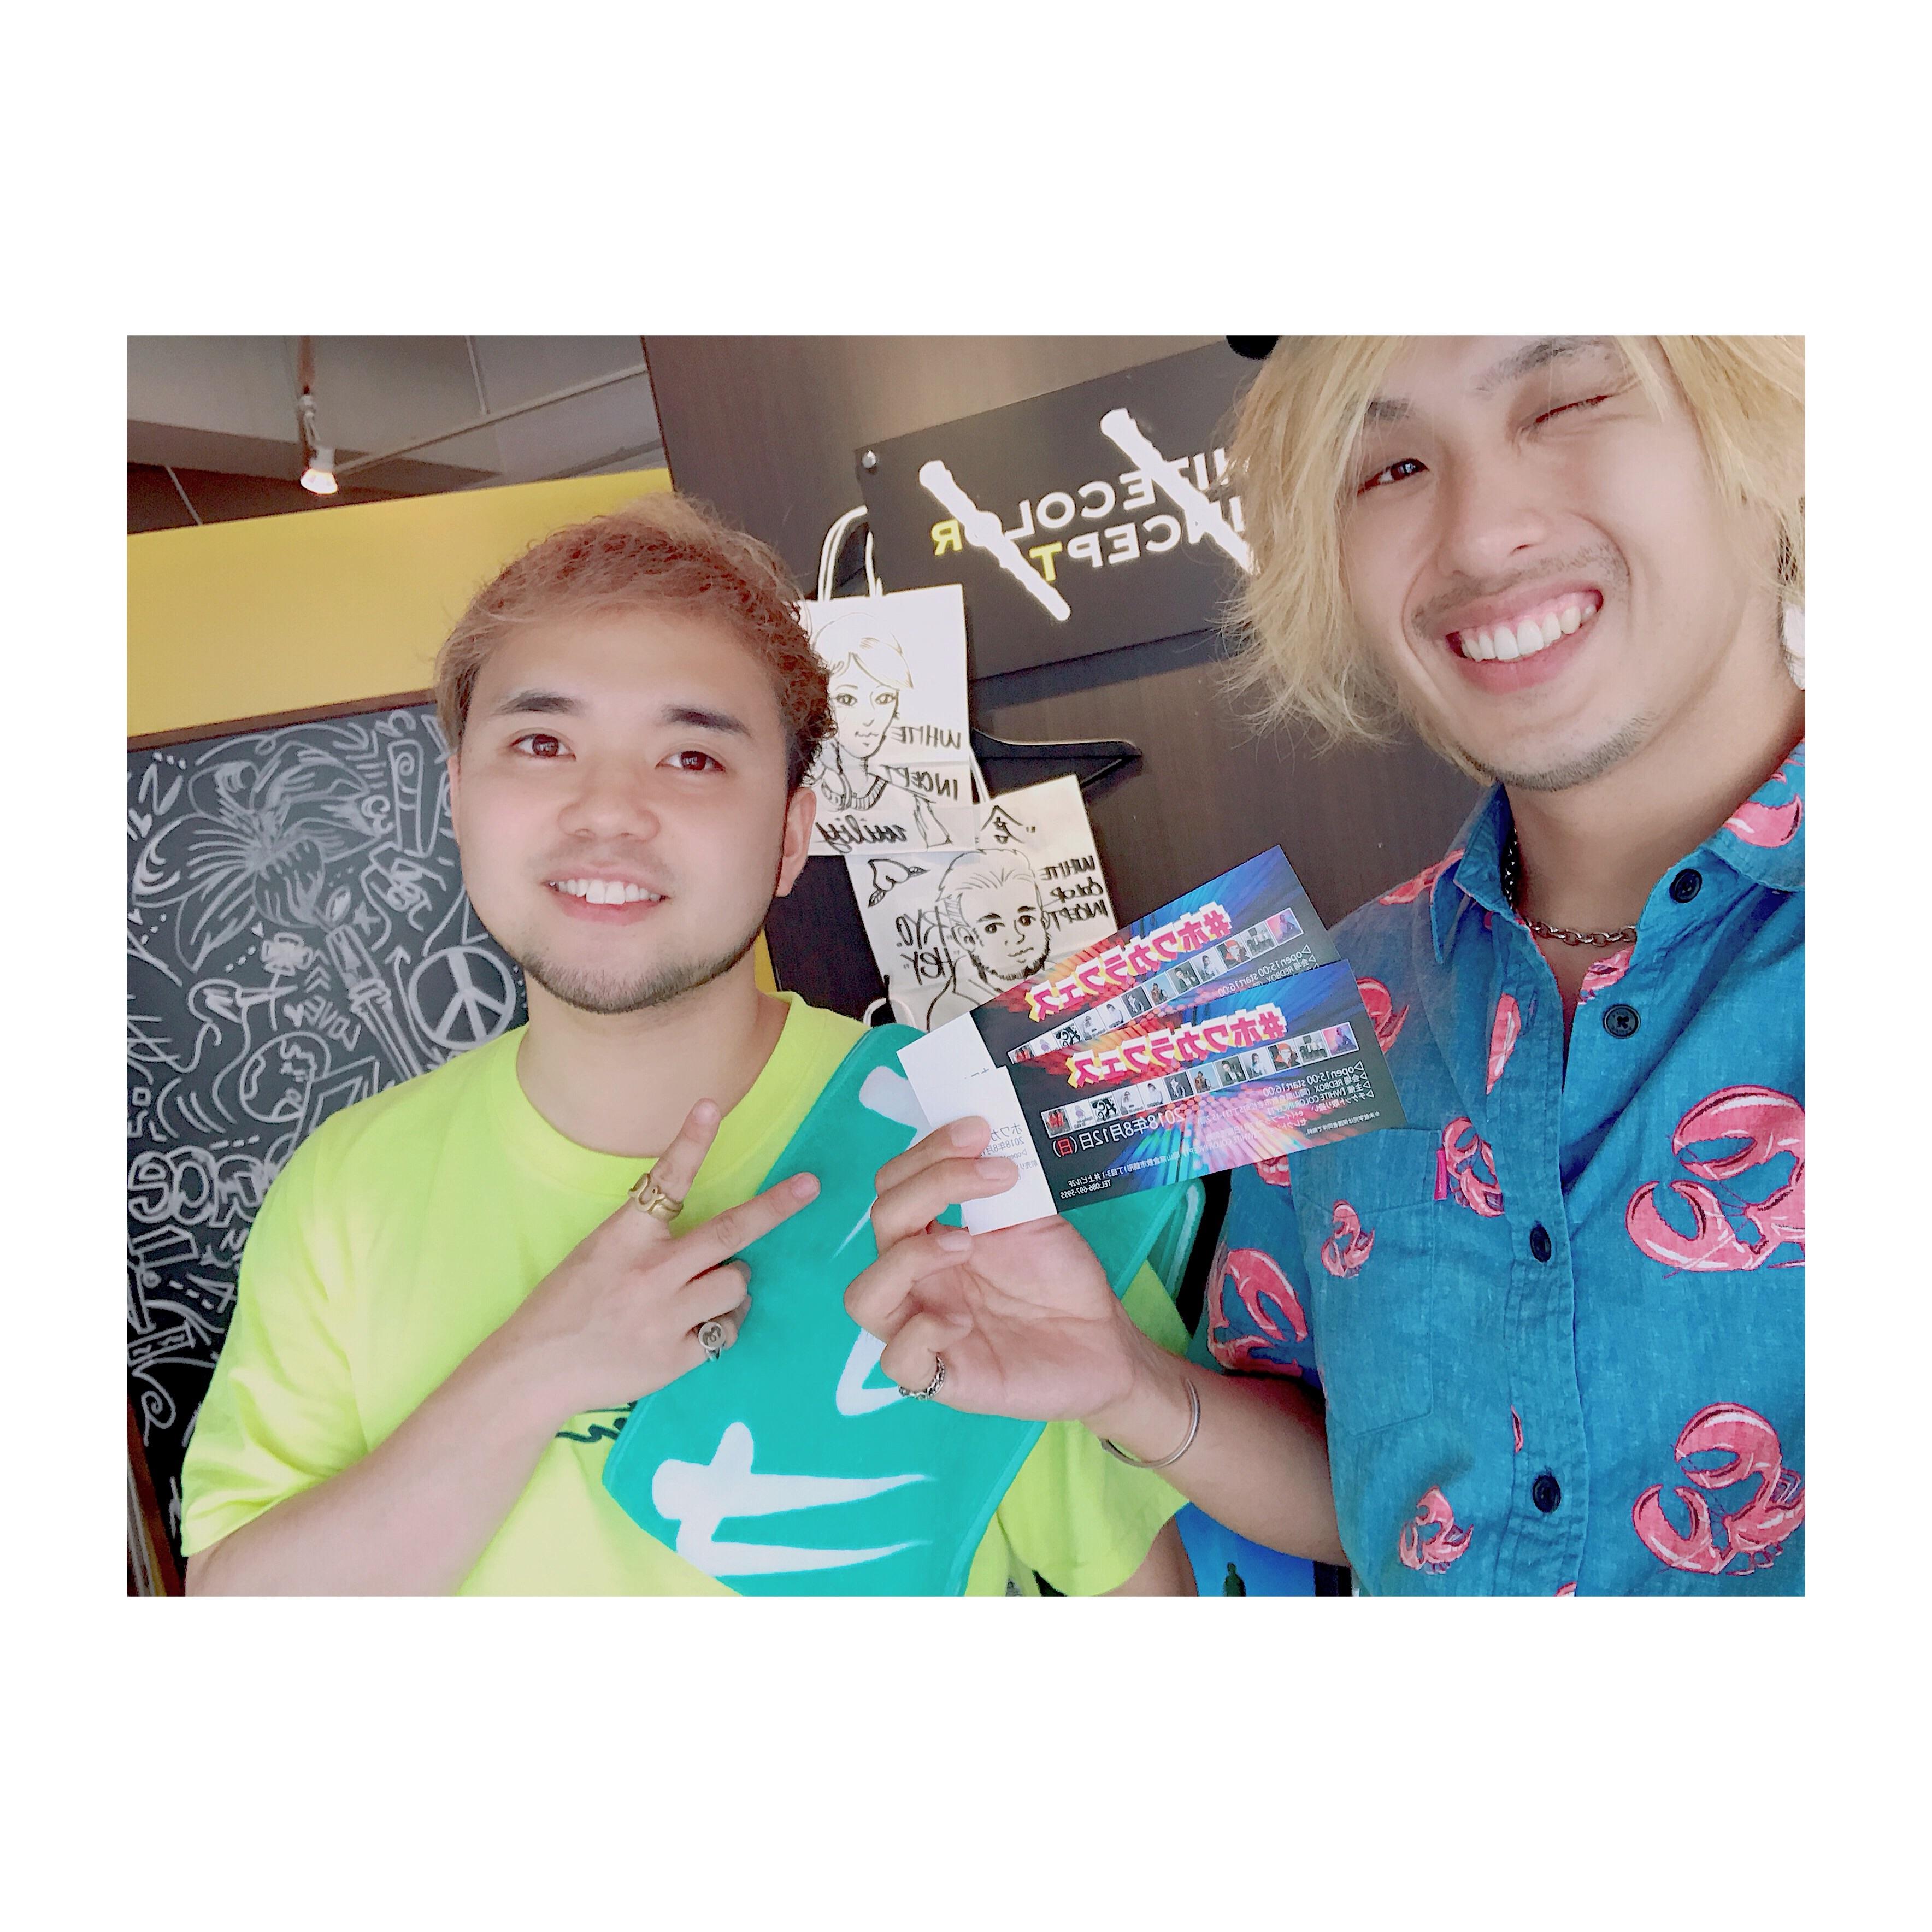 f:id:Yosuke0912:20180811155512j:image